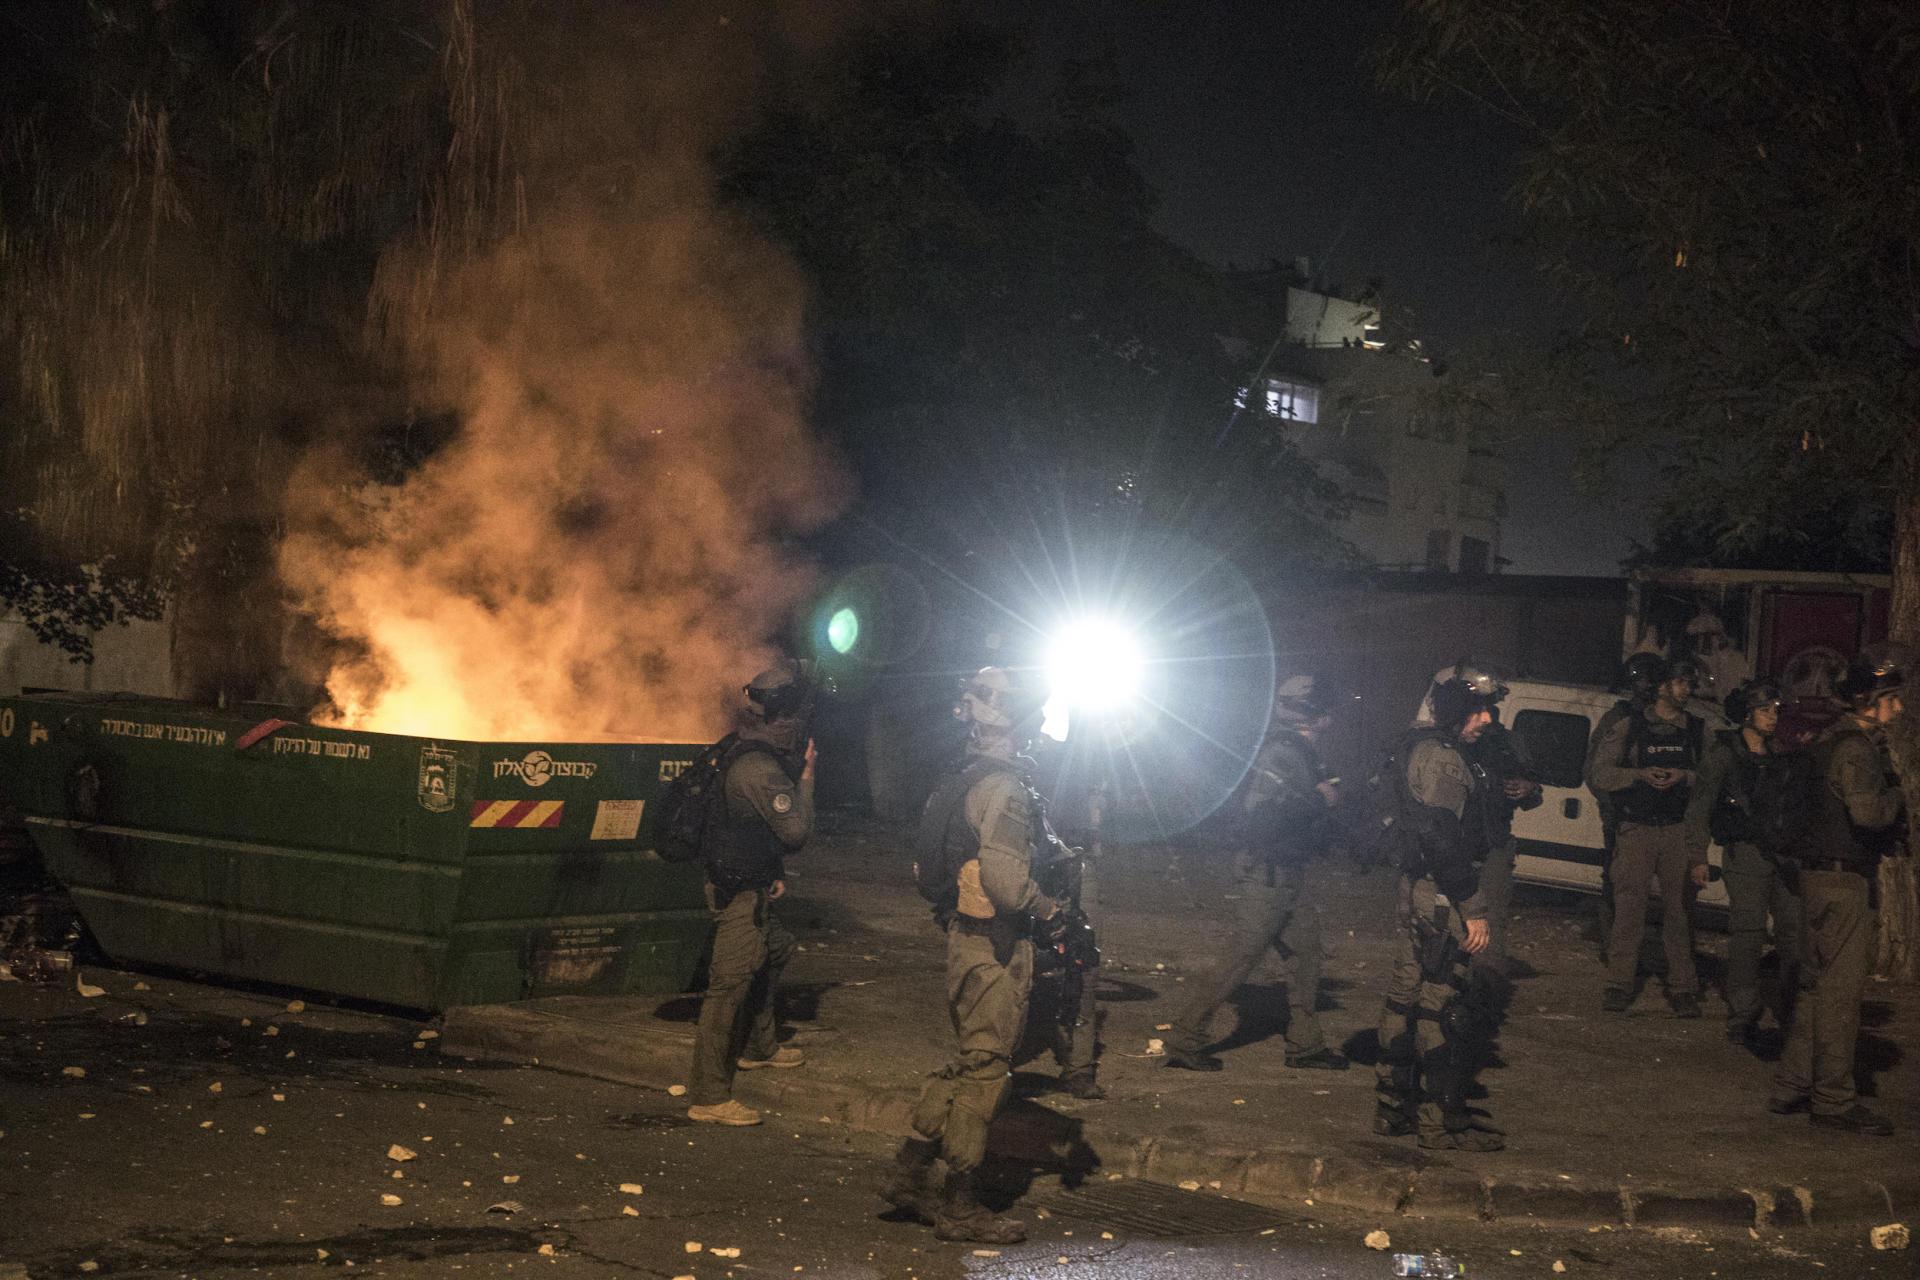 La police aux frontières, arrivée en renfort, recherche des groupes de colons et de militants juifs. Lod, Israël, le 12 mai 2021.